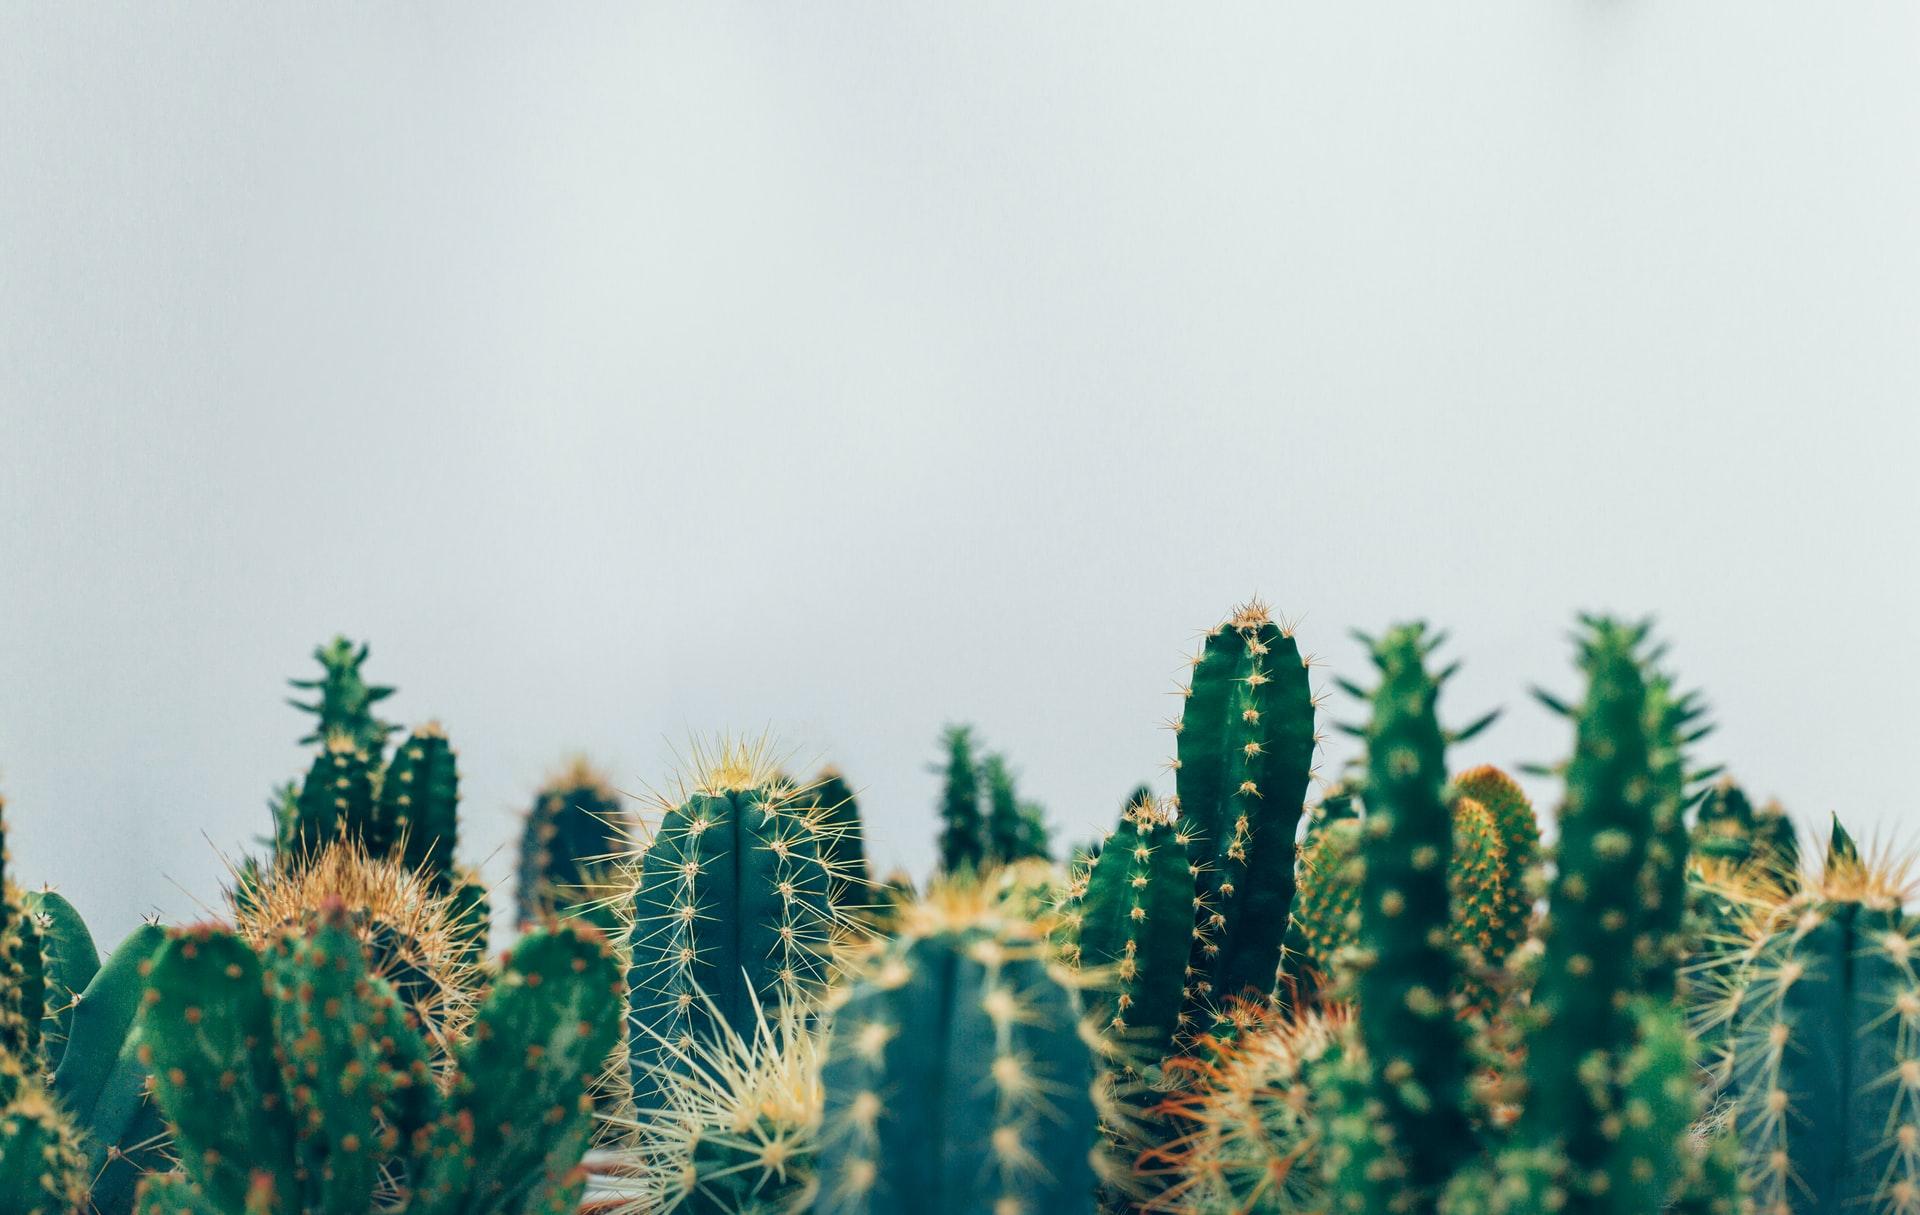 Cactus et épines - Définition d'un mécanisme de défense